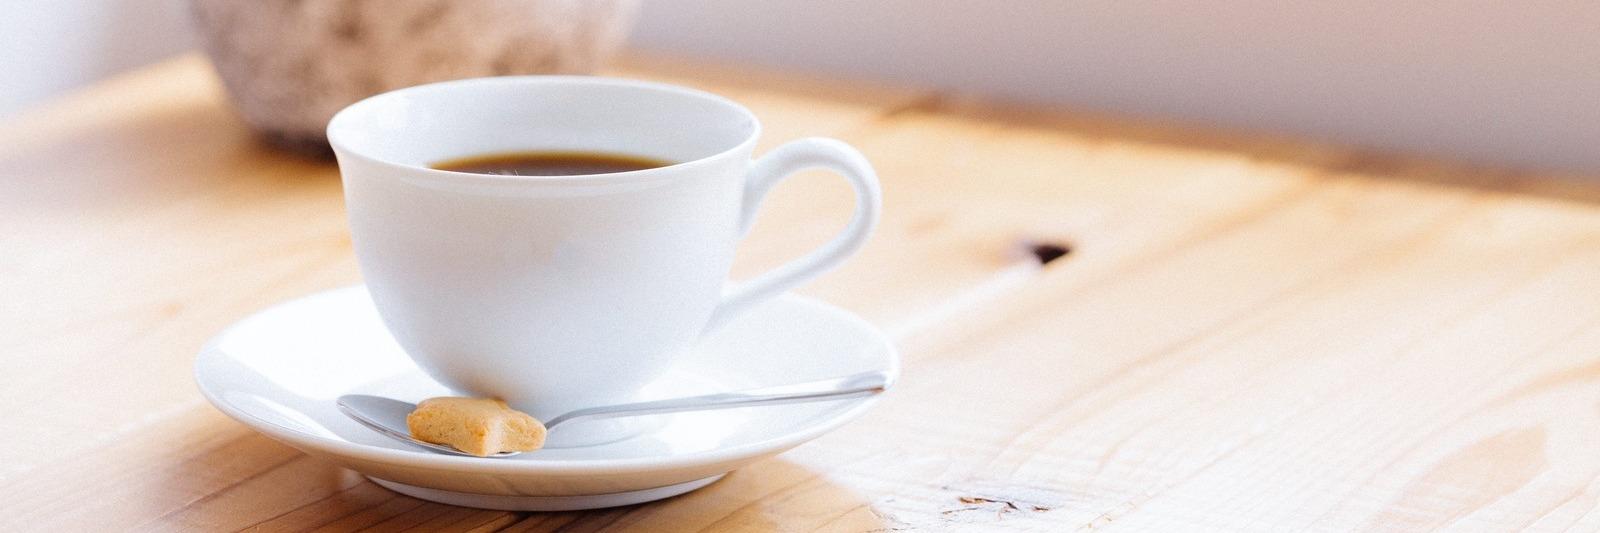 ネイルサロン・グレイリーの帰りに利用したいの三軒茶屋カフェのオススメ一覧です